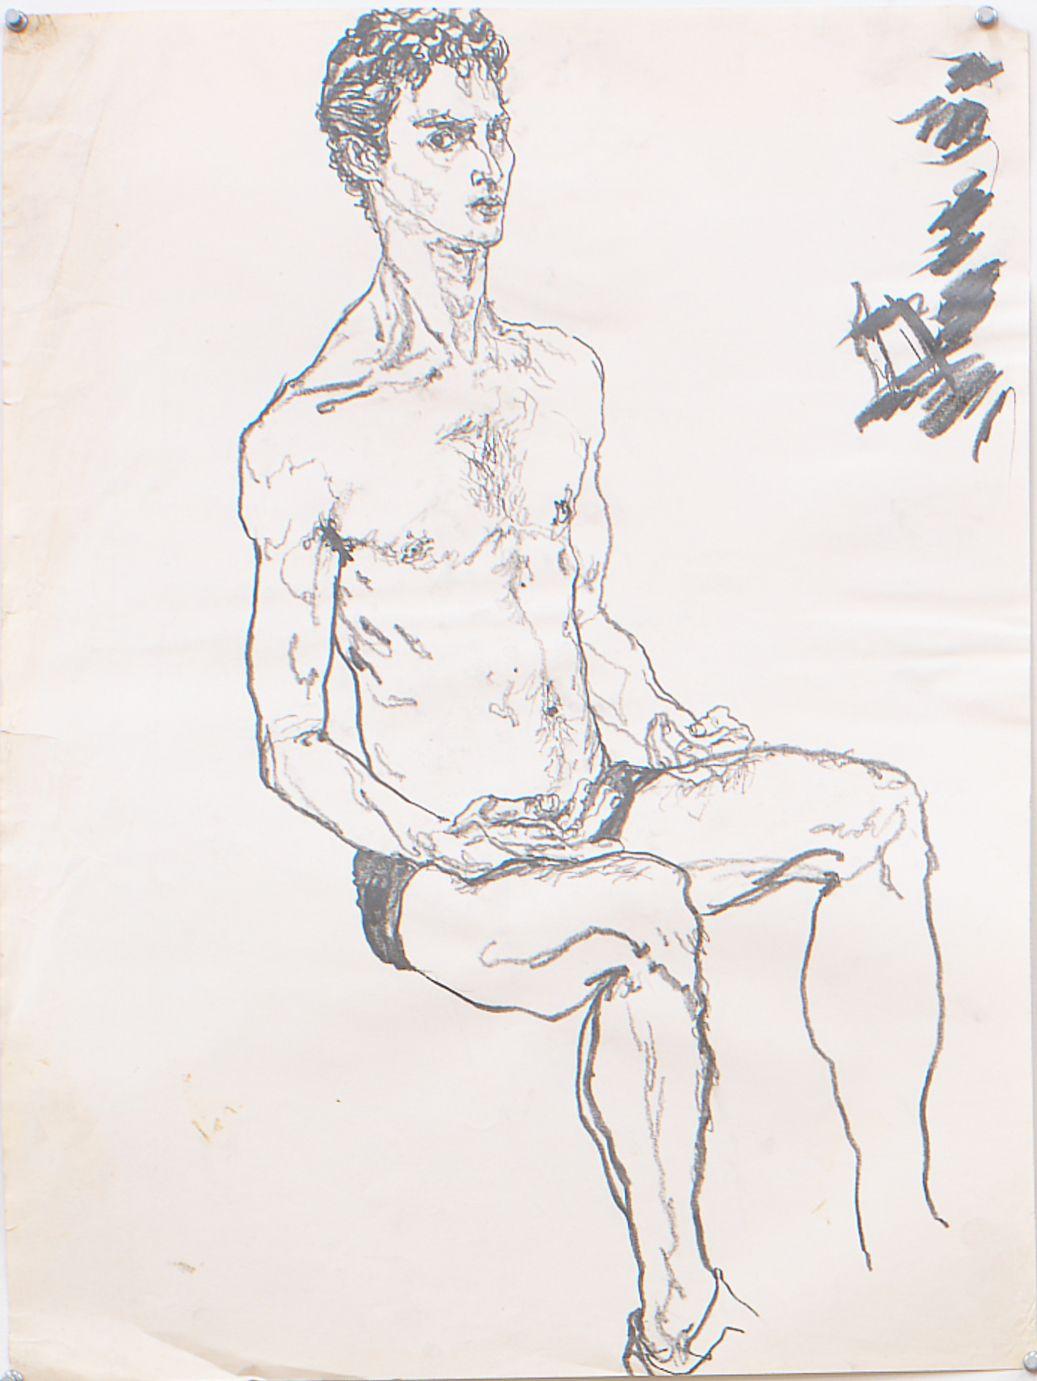 Self Portrait II, 1979, Graphite on paper